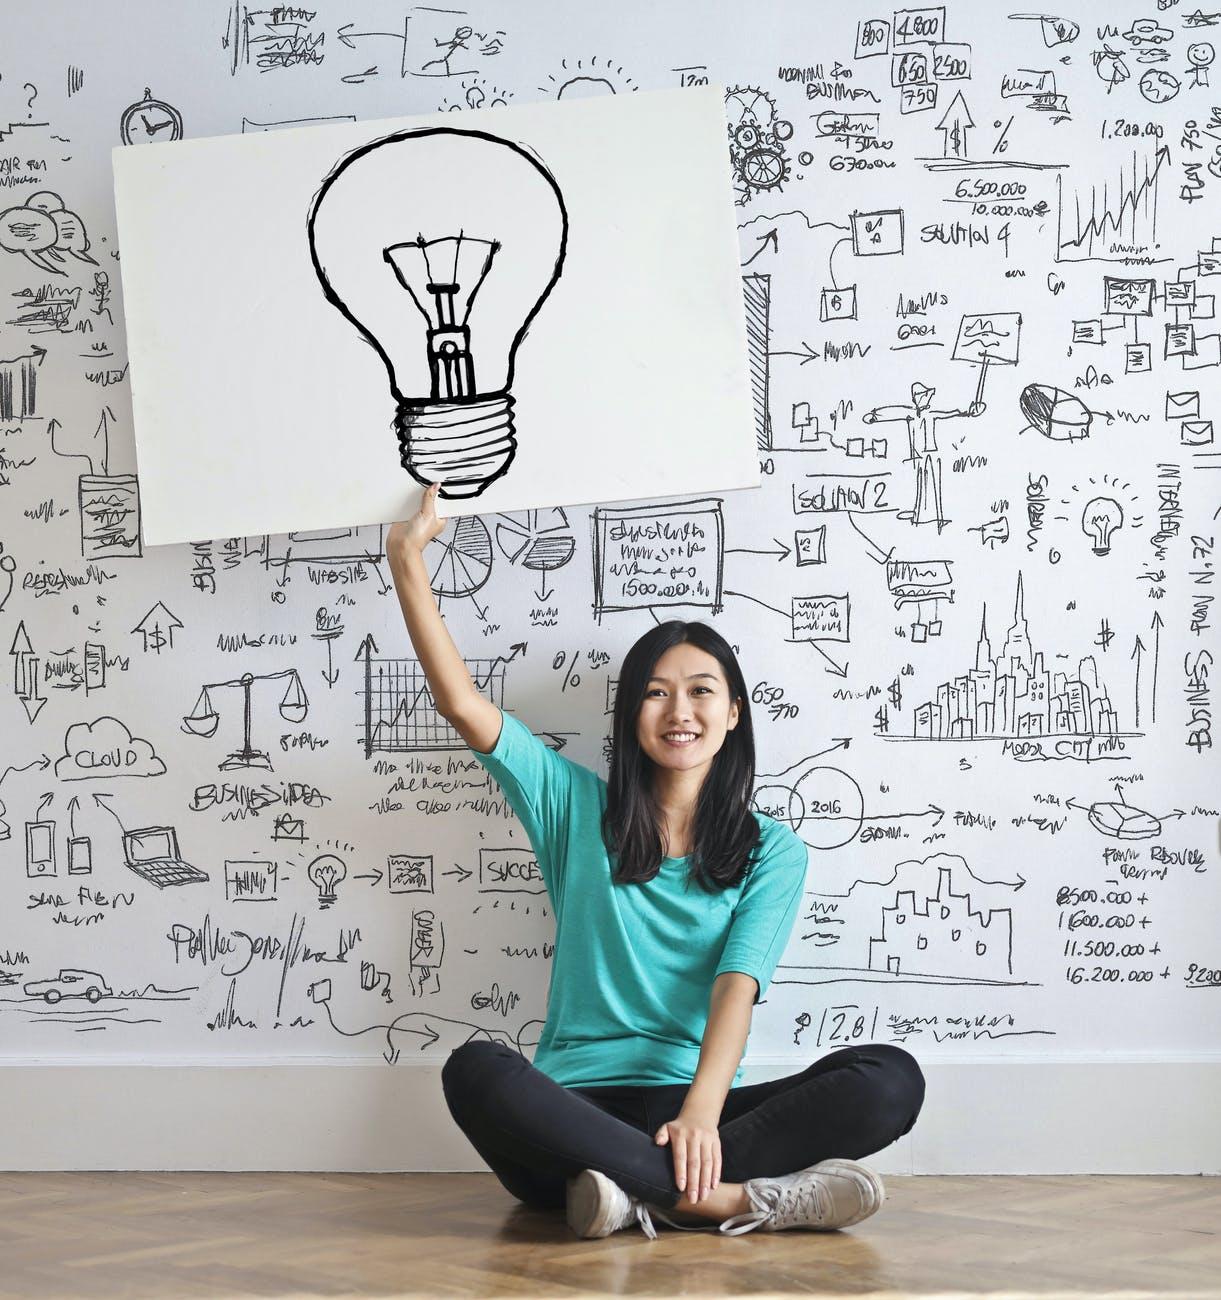 Tính bền bỉ của ý tưởng